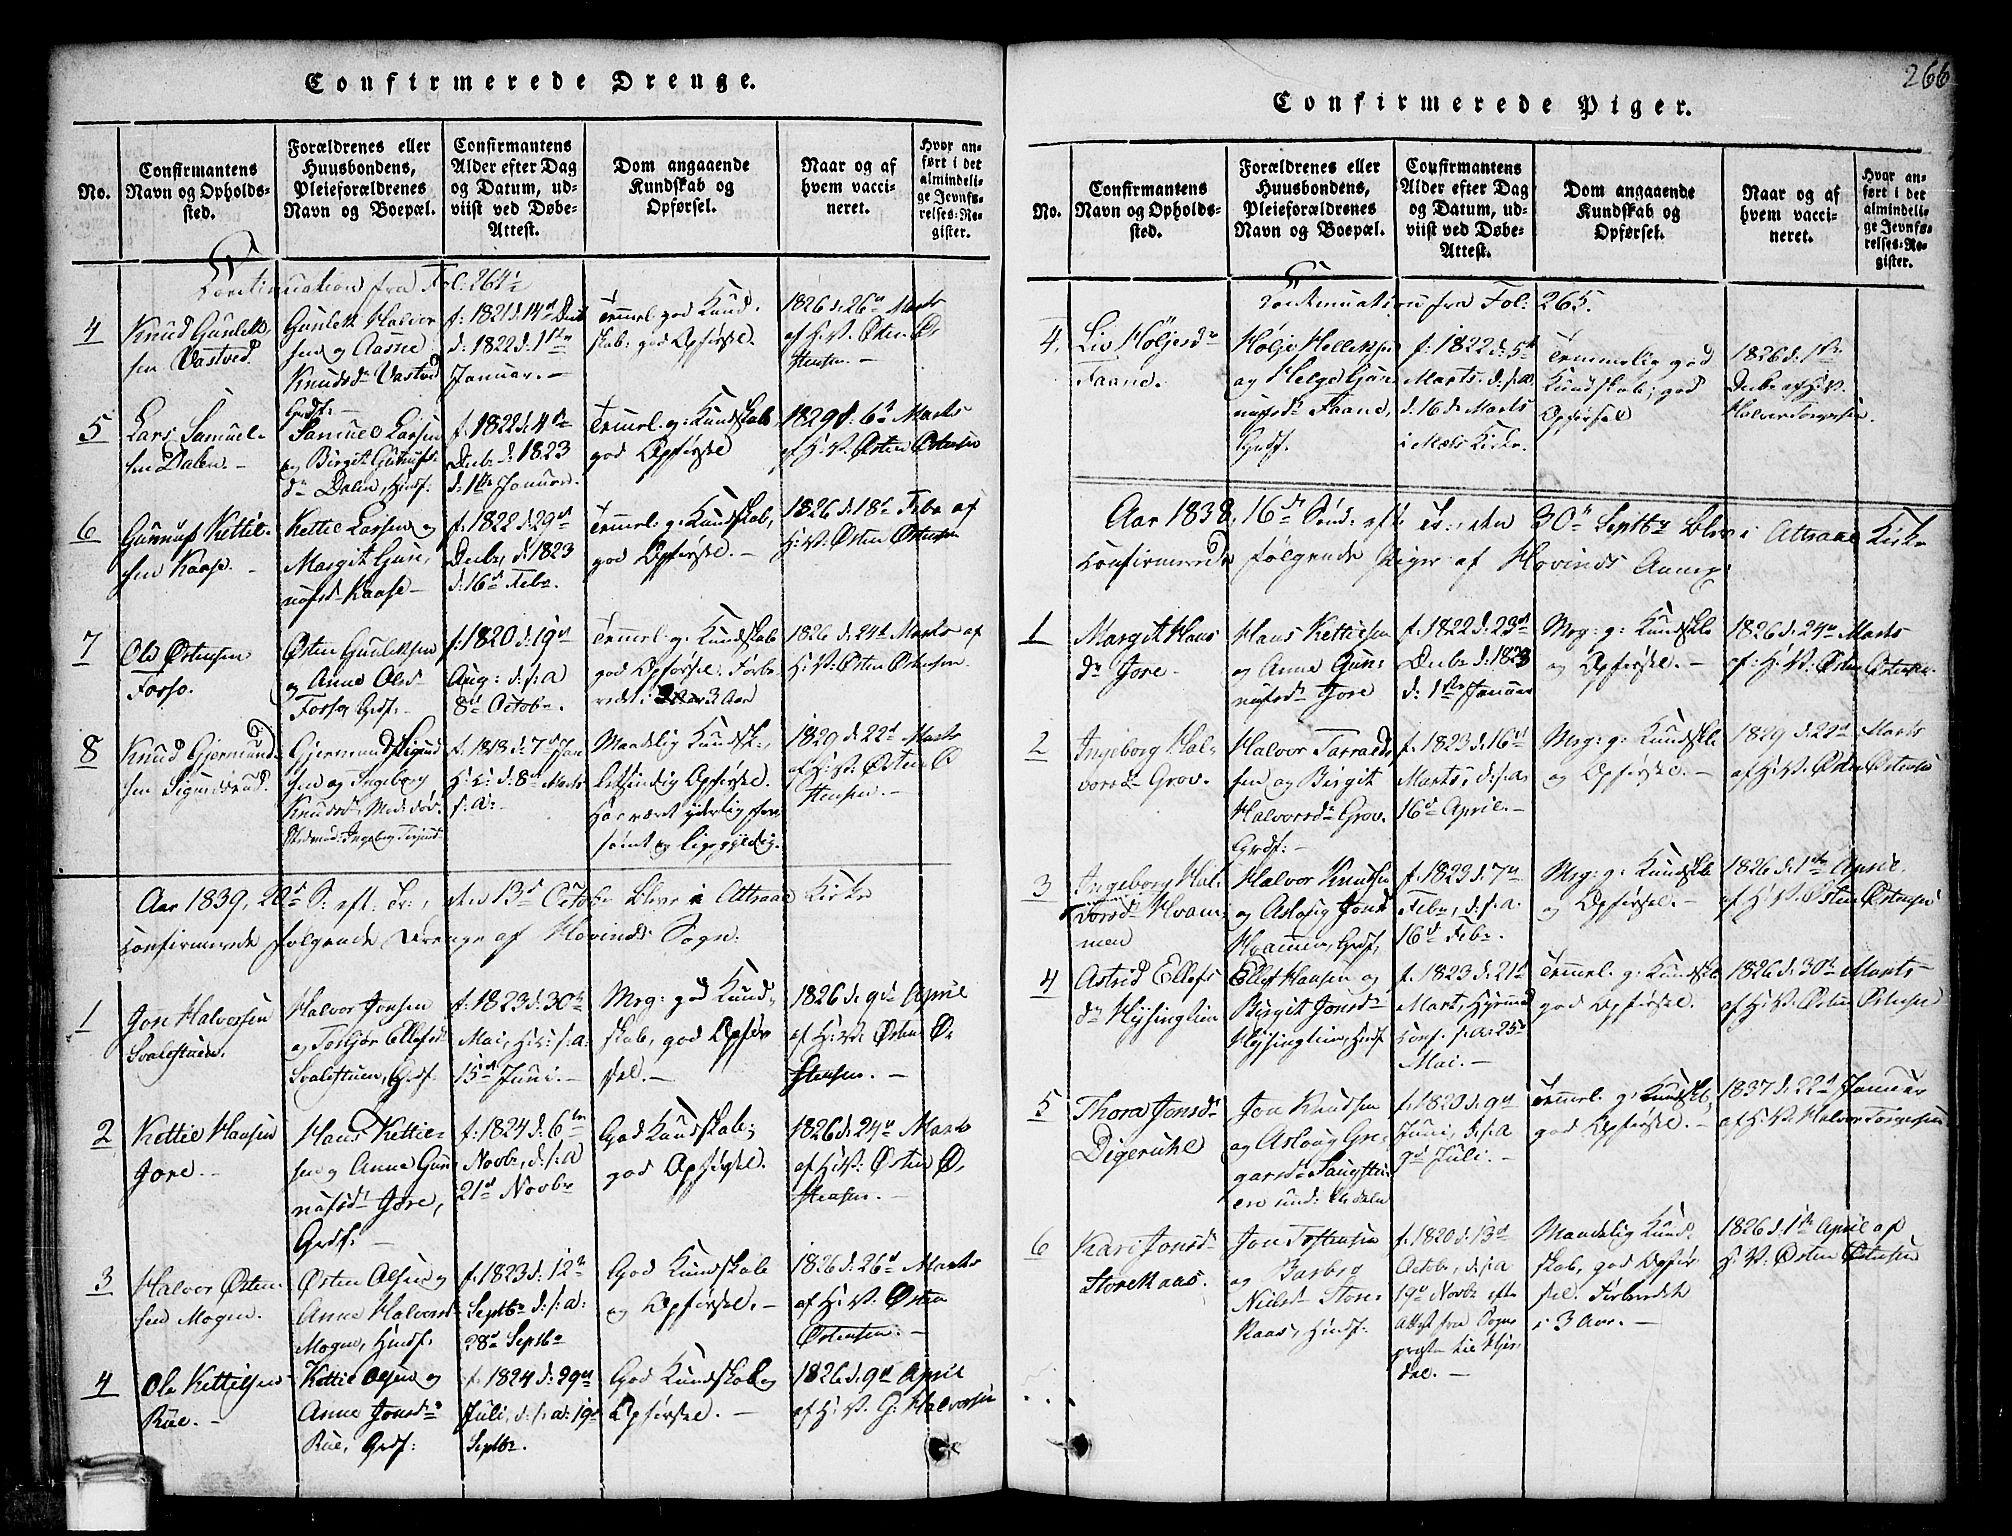 SAKO, Gransherad kirkebøker, G/Gb/L0001: Klokkerbok nr. II 1, 1815-1860, s. 266